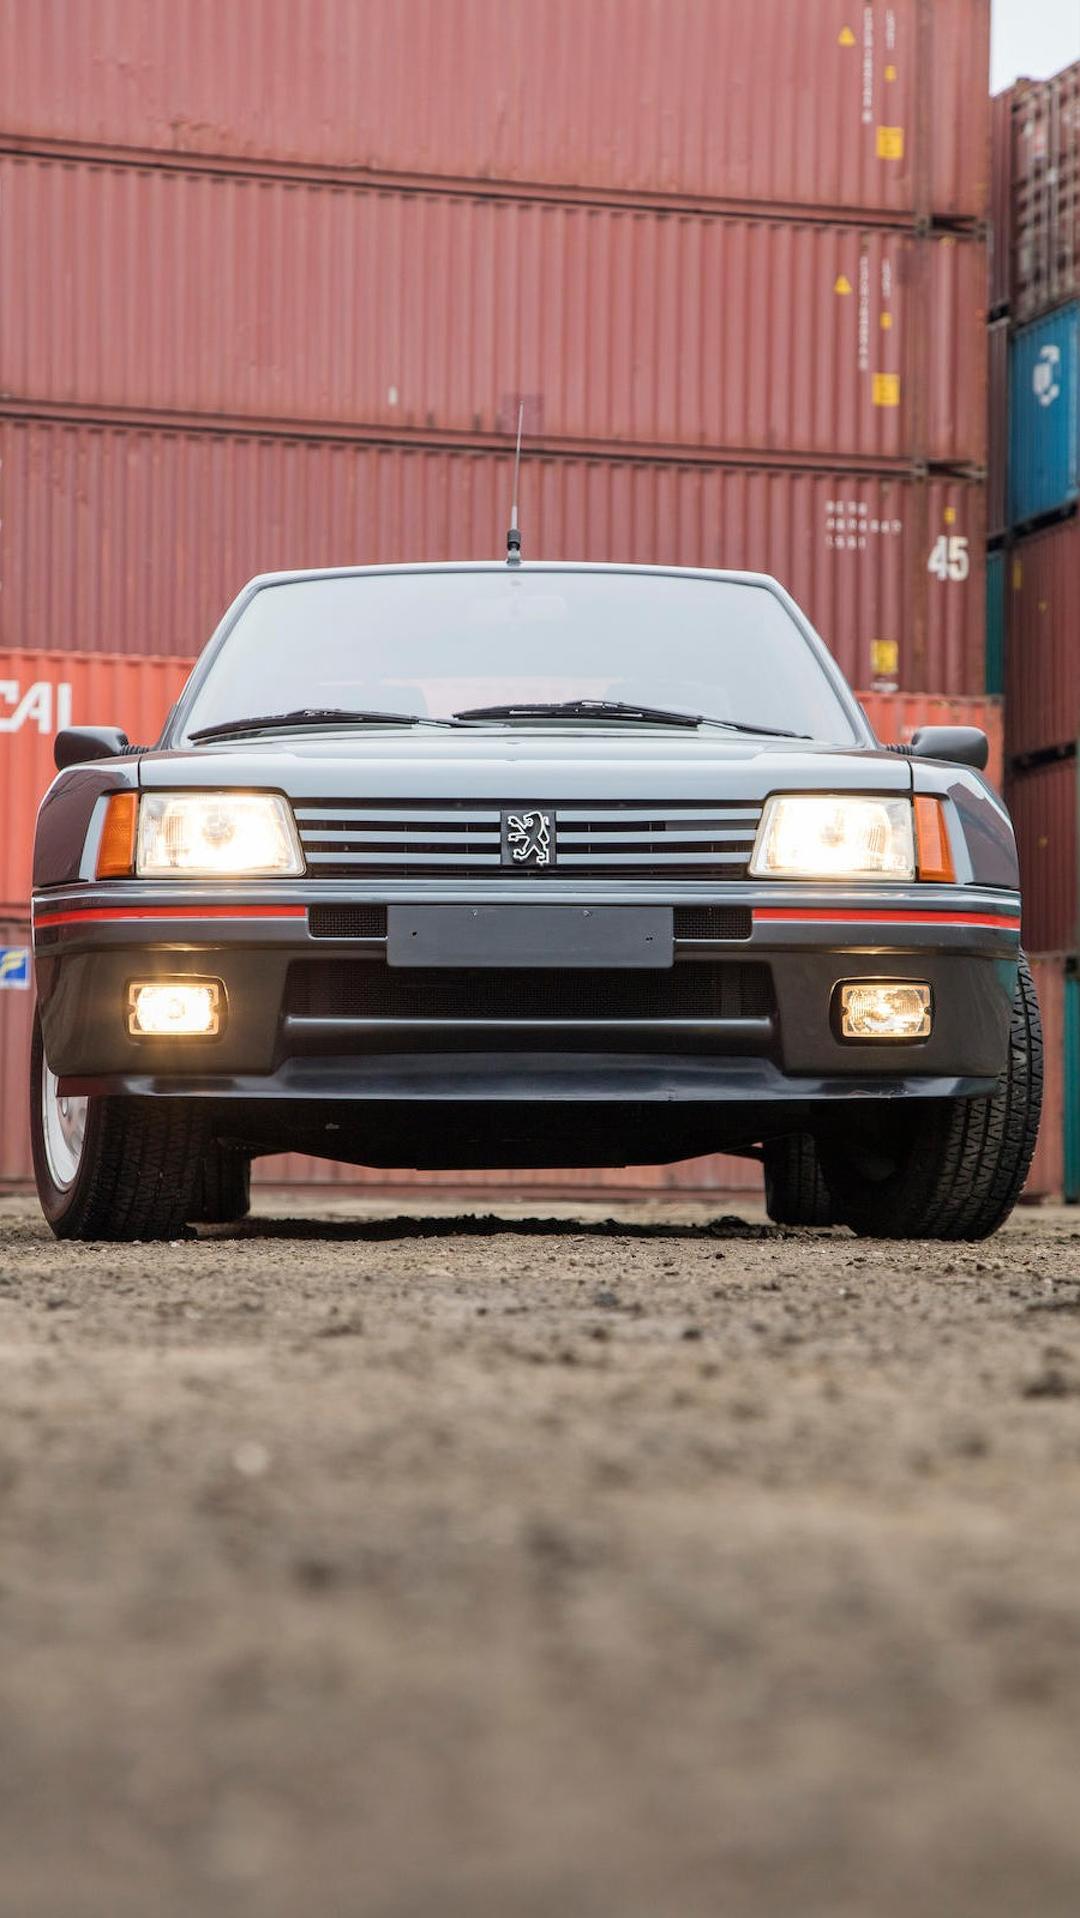 1985_Peugeot_205_Turbo_16_03